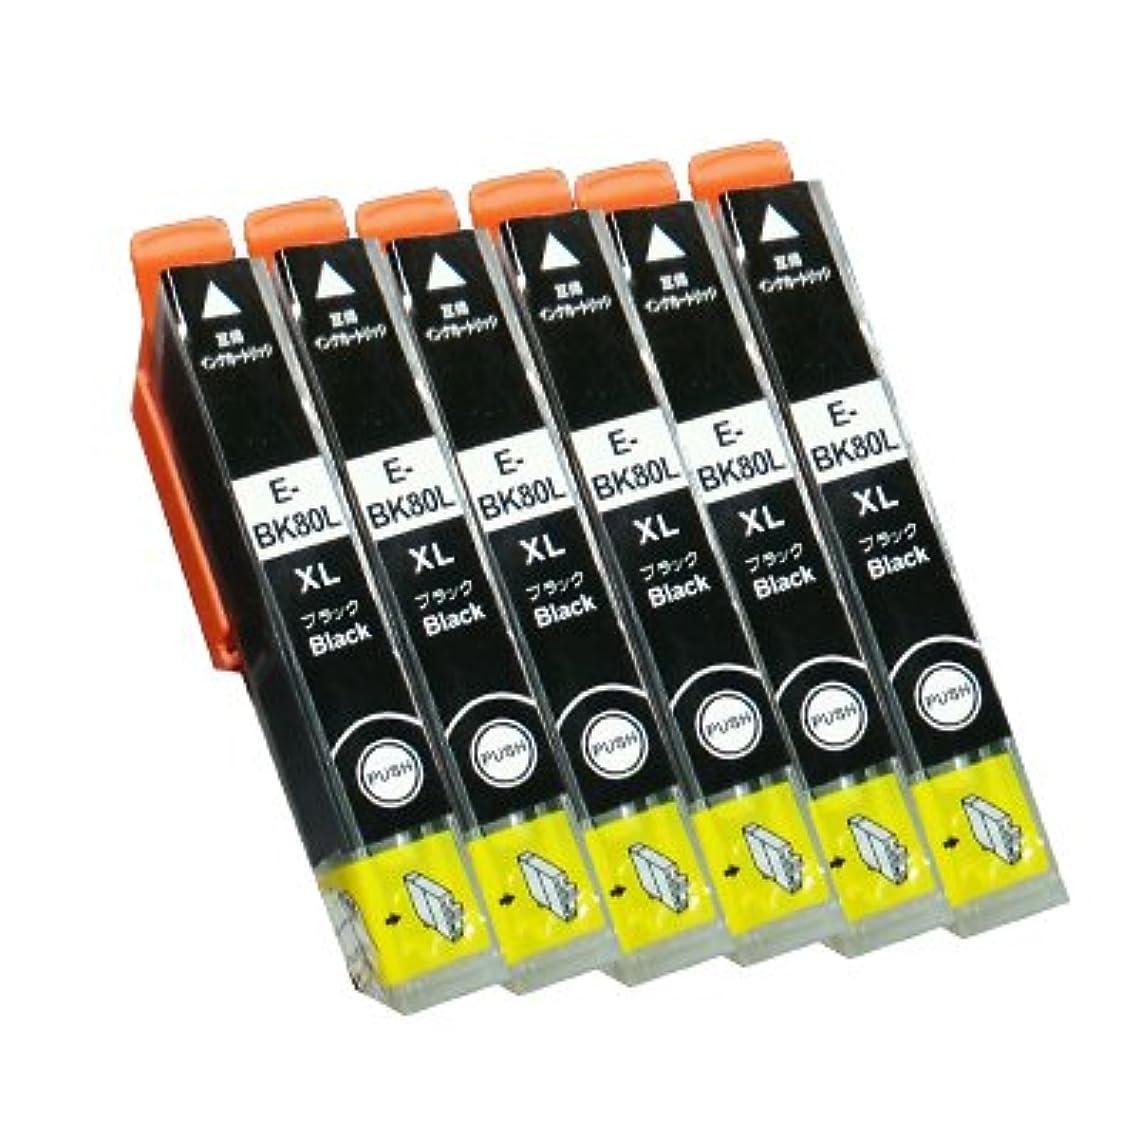 クラッチ勝利した異邦人IC80 ブラック 6個セット エプソン 互換インク ICBK80L EPSON ICチップ付